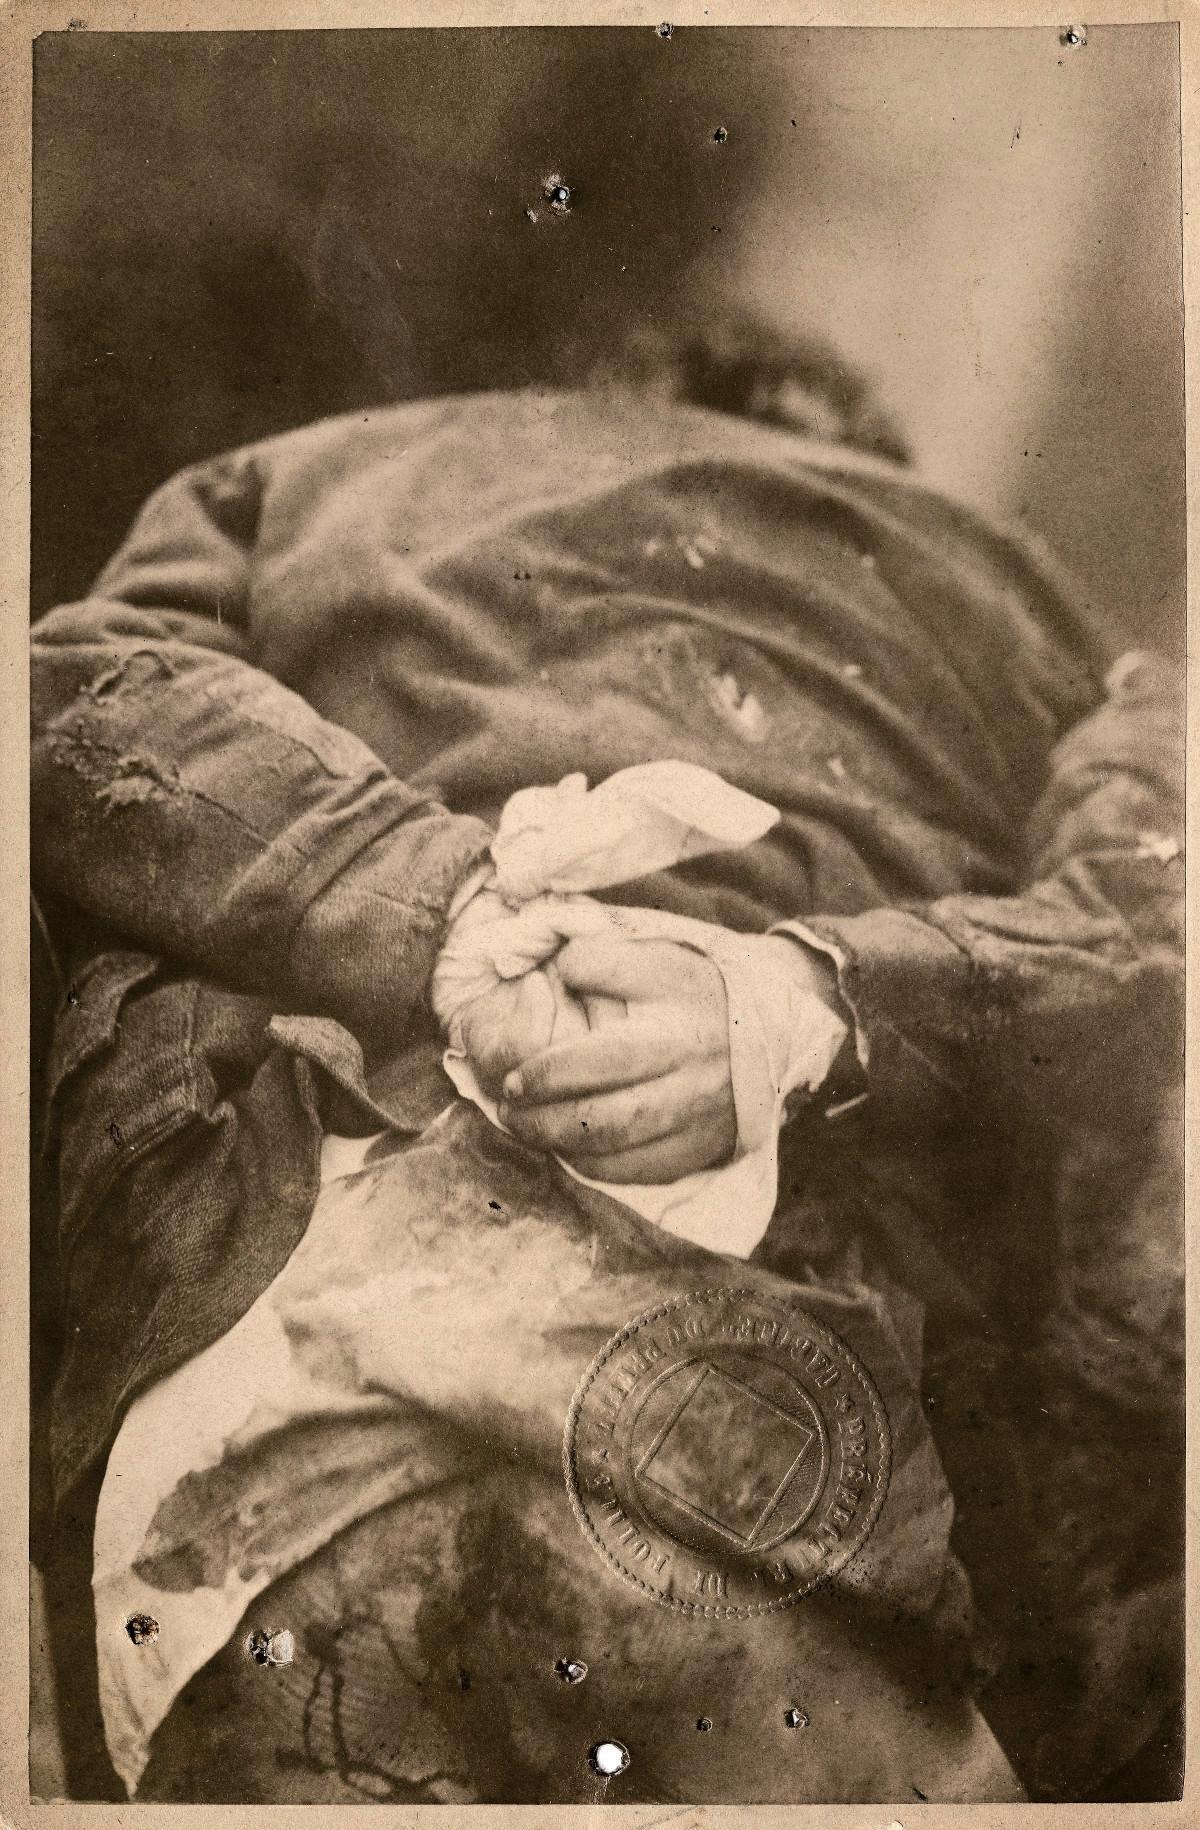 Jules Jacques Schoenën, de seis anos, morava com os pais na Rue Caillé, 7, e foi assassinado em 25 de fevereiro de 1881 por um jovem de 16 anos. Foi encontrado com as mãos amarradas, o casaco perfurado e a camisa com manchas secas de sangue. O caso é um dos primeiros a ser fotografado.